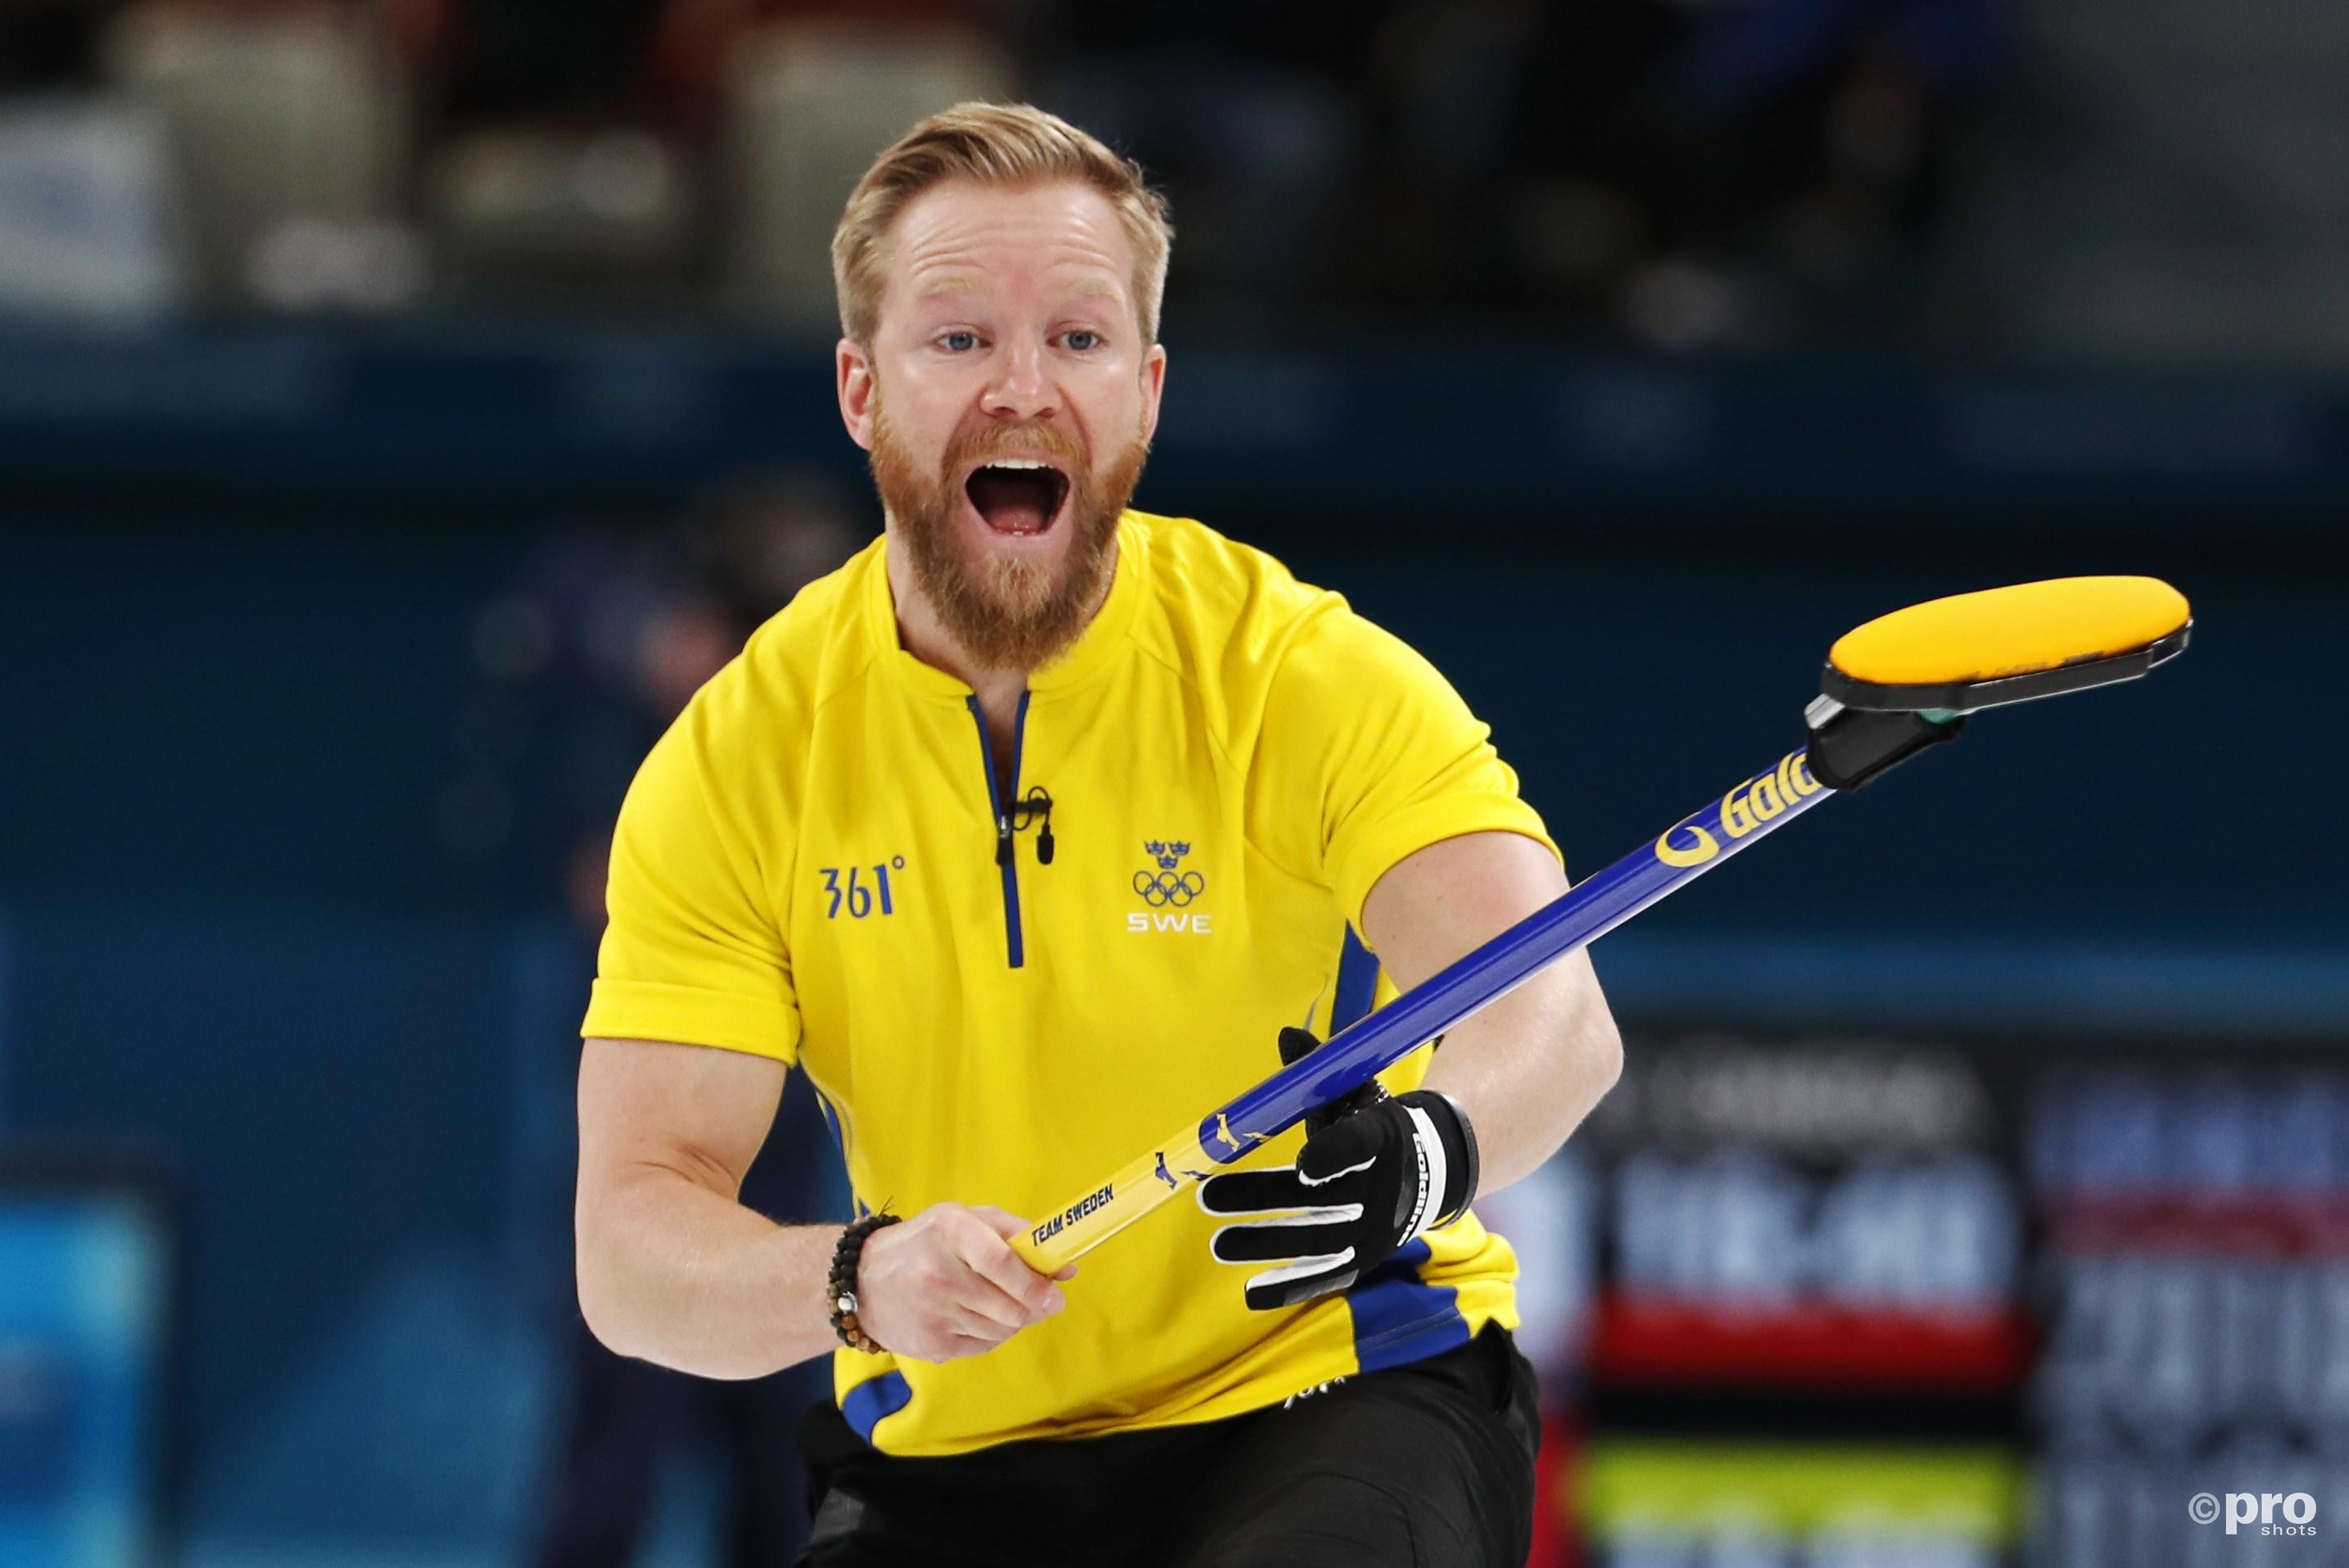 Niklas Edin in actie tegen de Canadese ploeg (Pro Shots/Action Images)